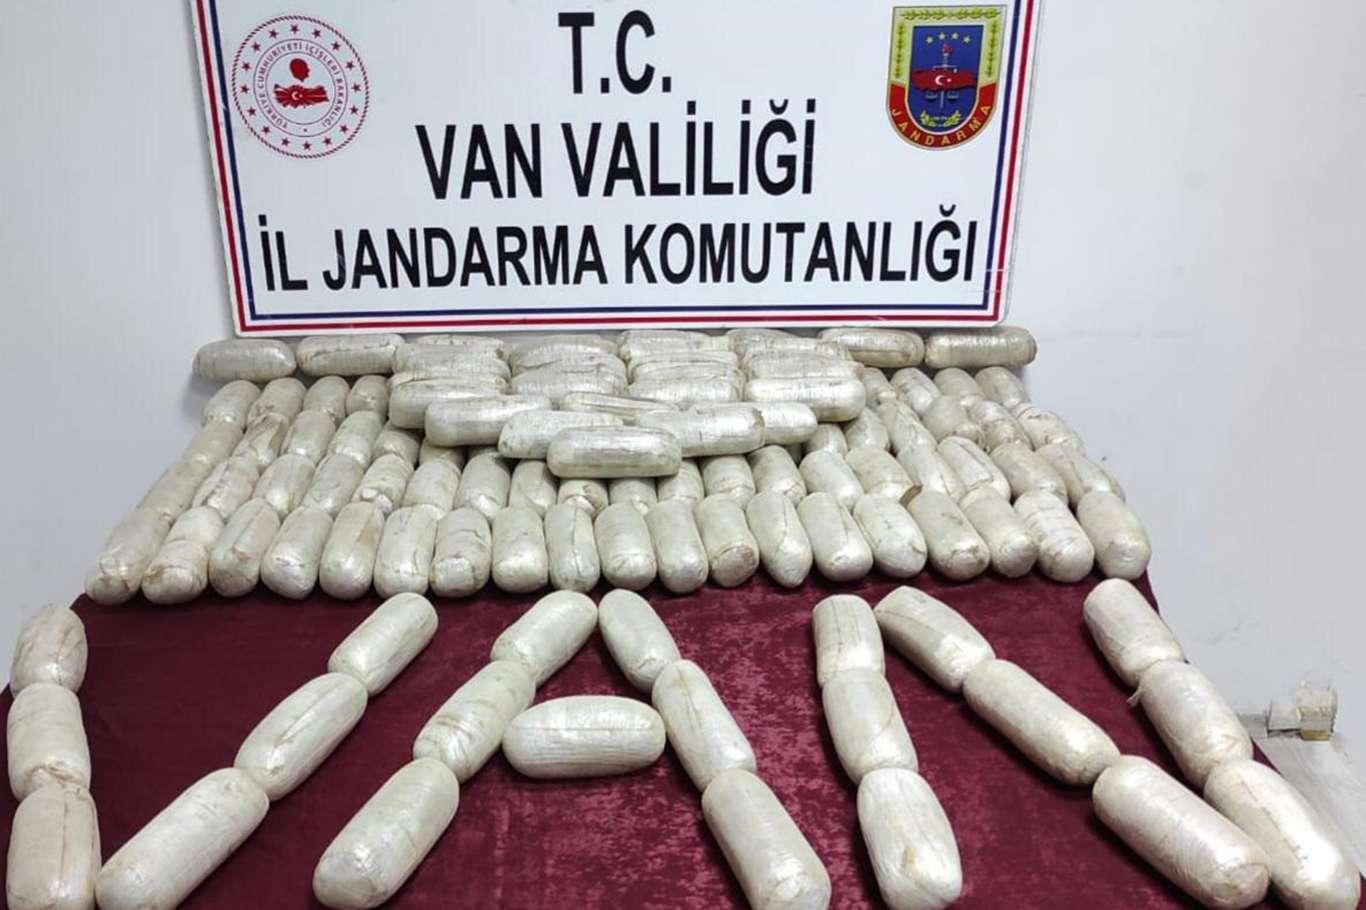 Yapılan Operasyonda Van'da 68 Kilogram Uyuşturucu Yakalandı